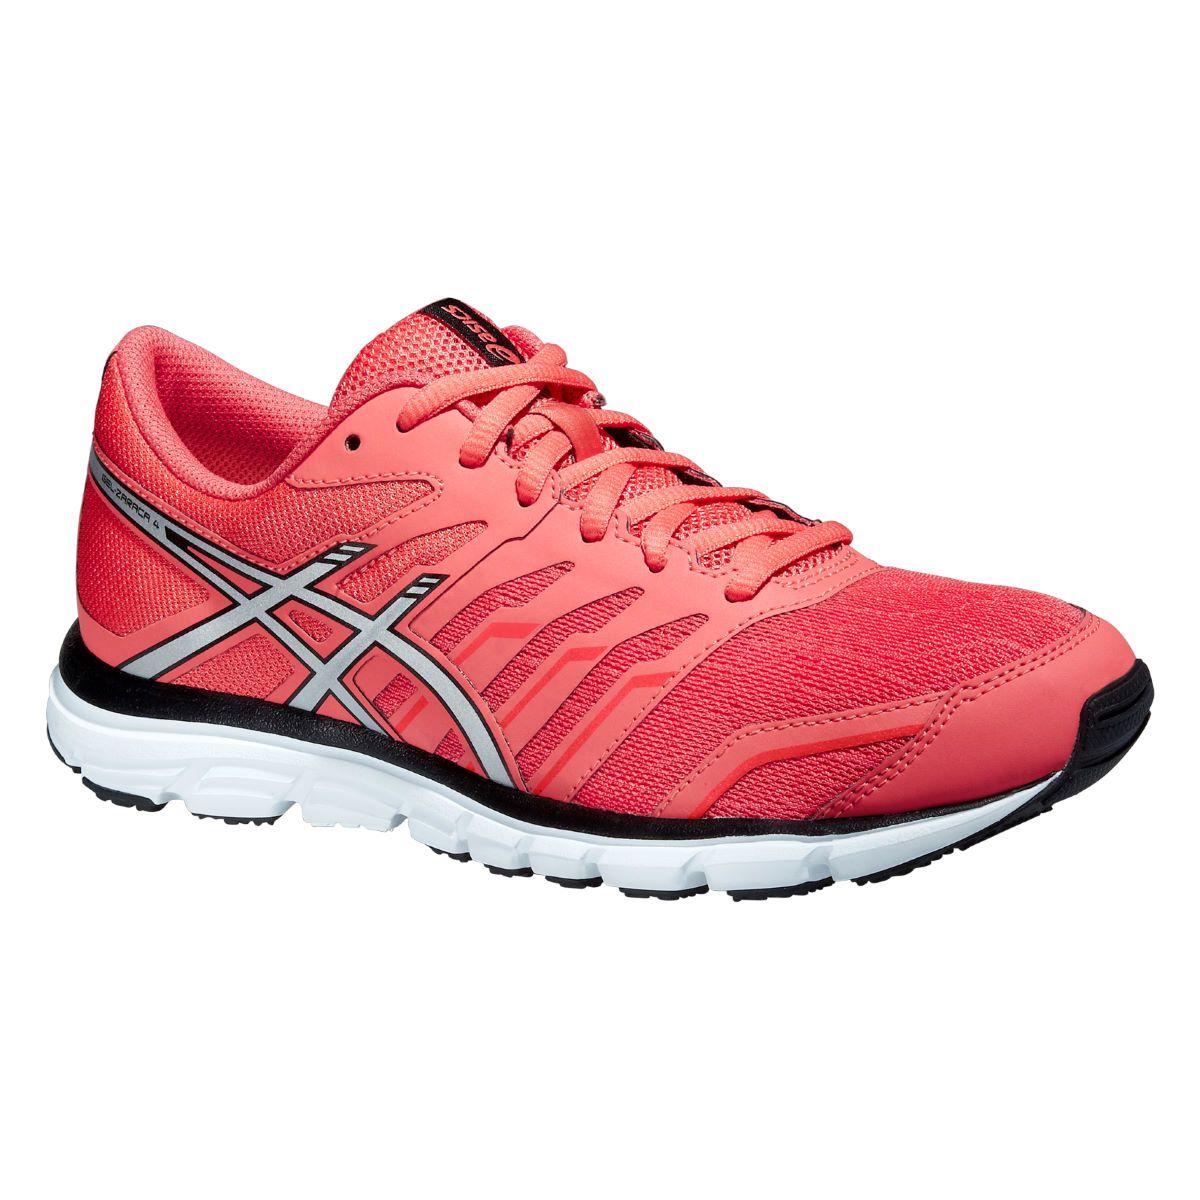 Asics Gel Zaraca 4 Running Shoes AW15